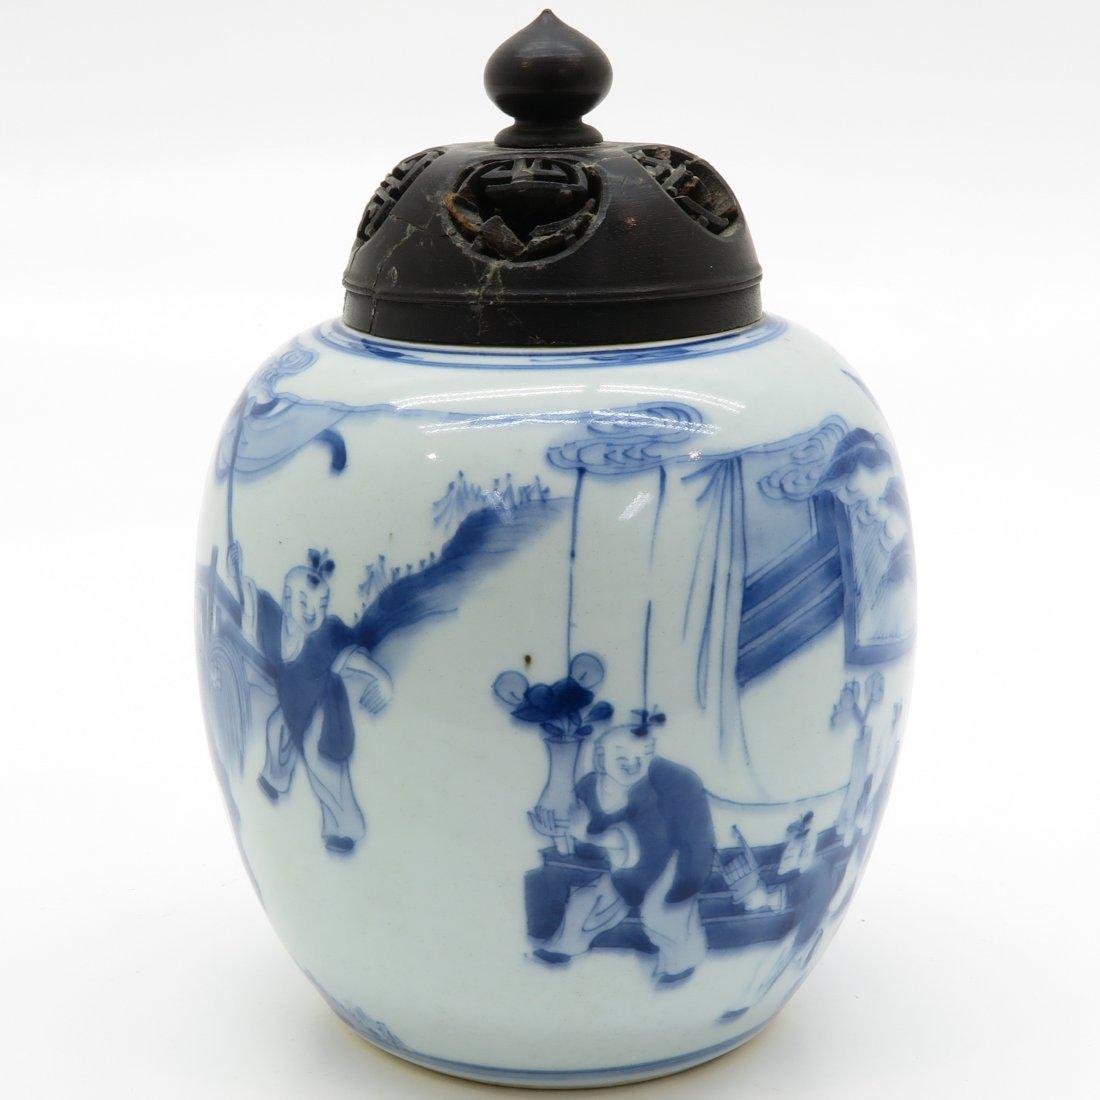 China Porcelain Ginger Jar - 2